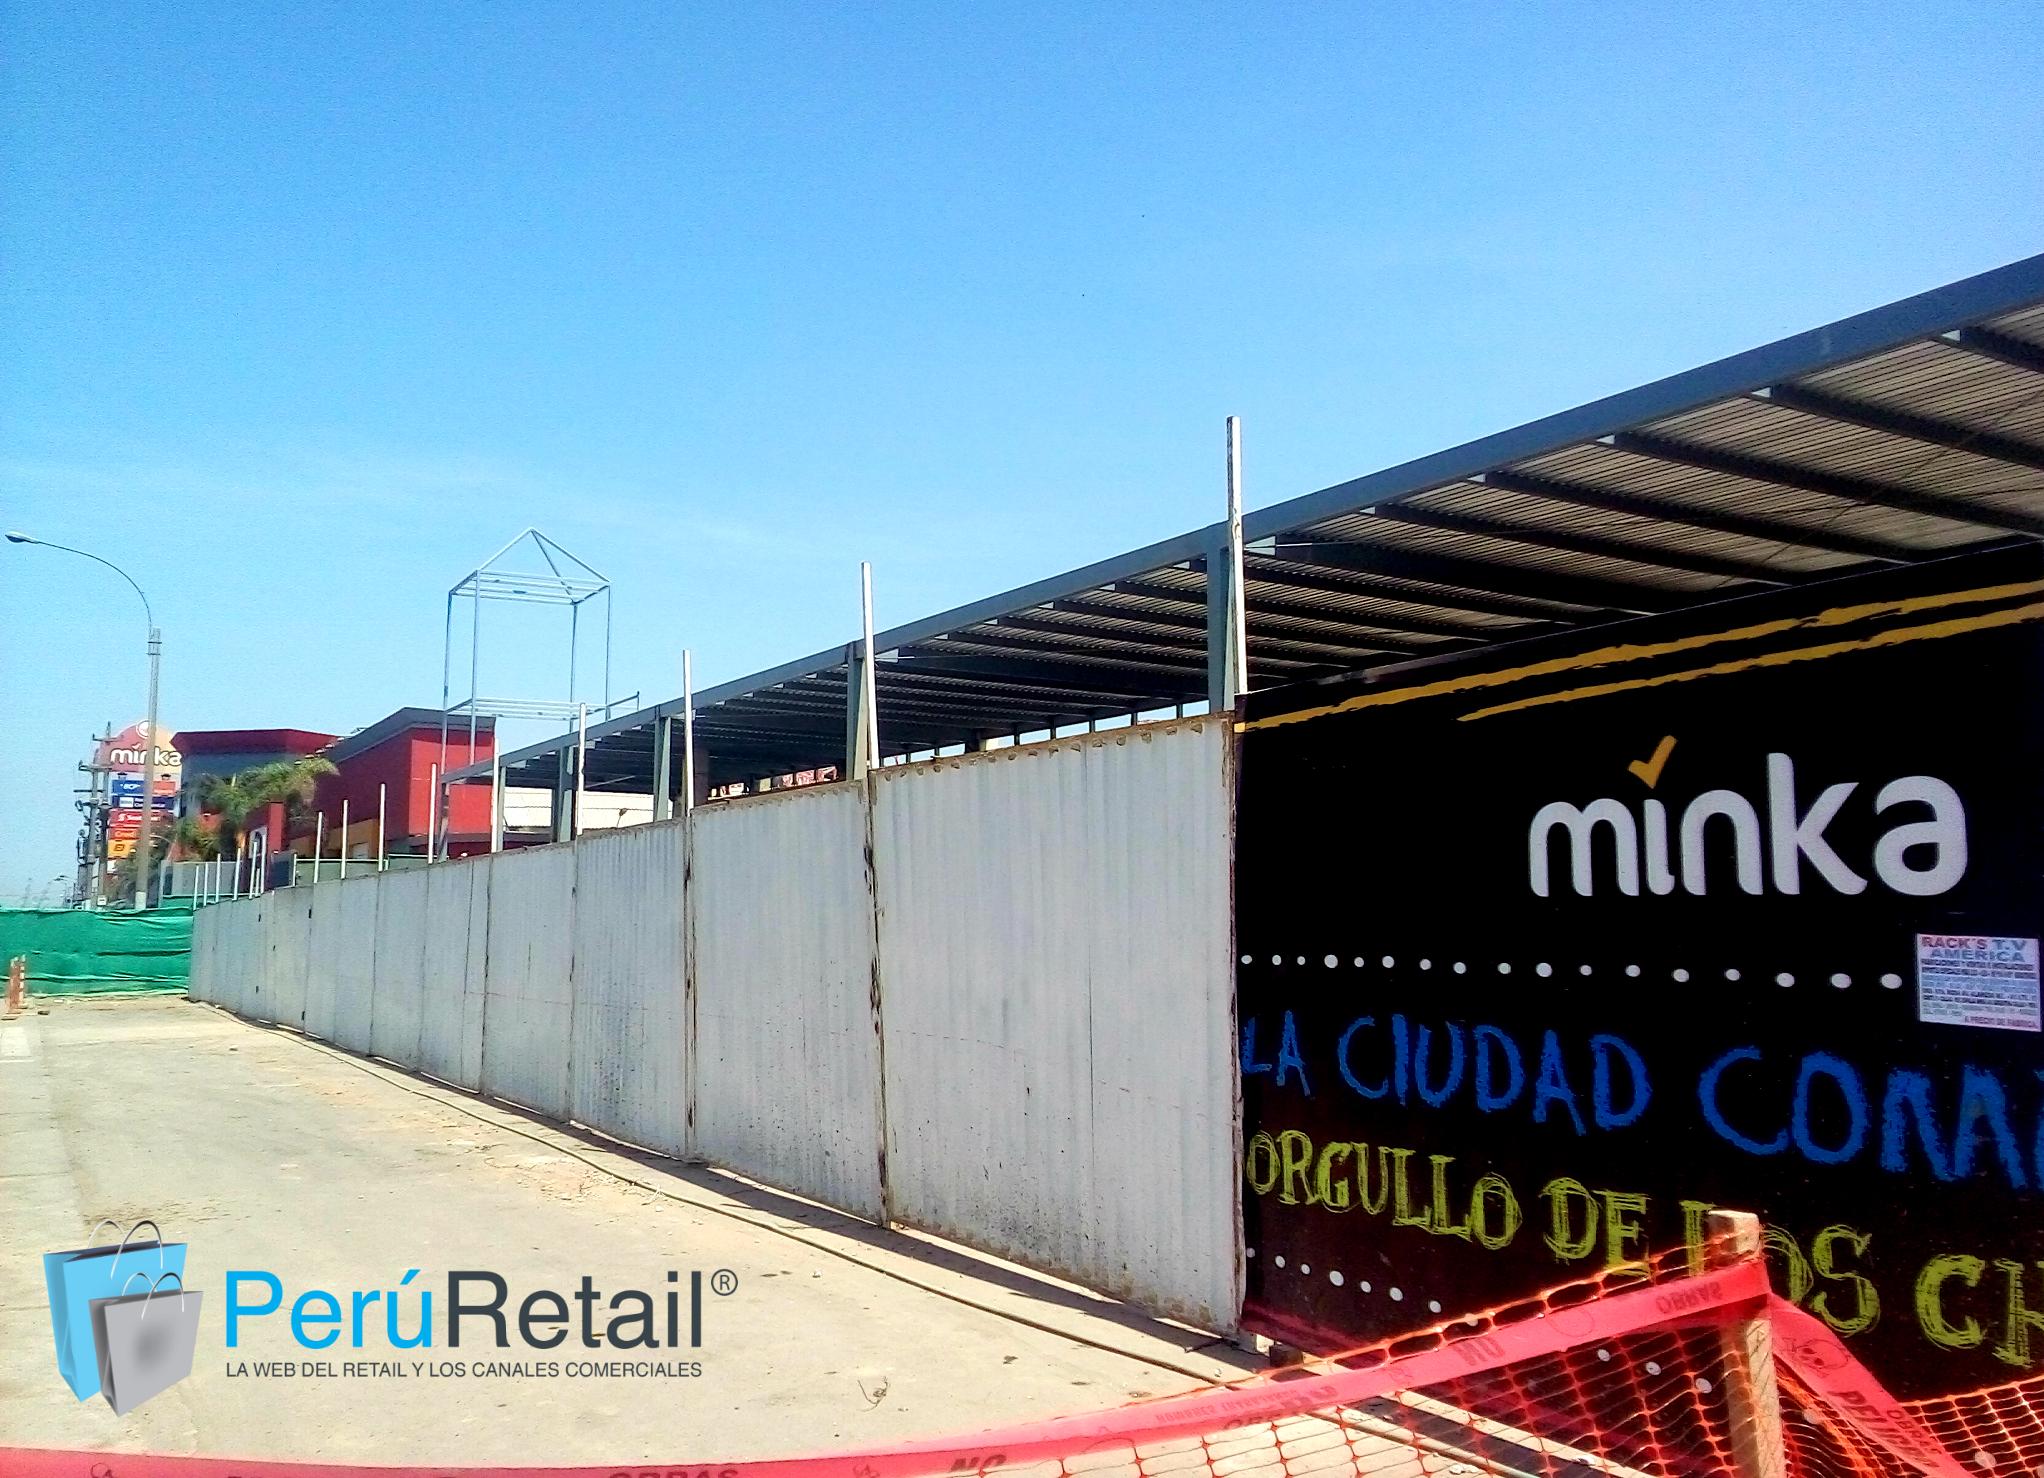 minka 2017 7 peru retail - Minka realiza importantes cambios en su ciudad comercial del Callao